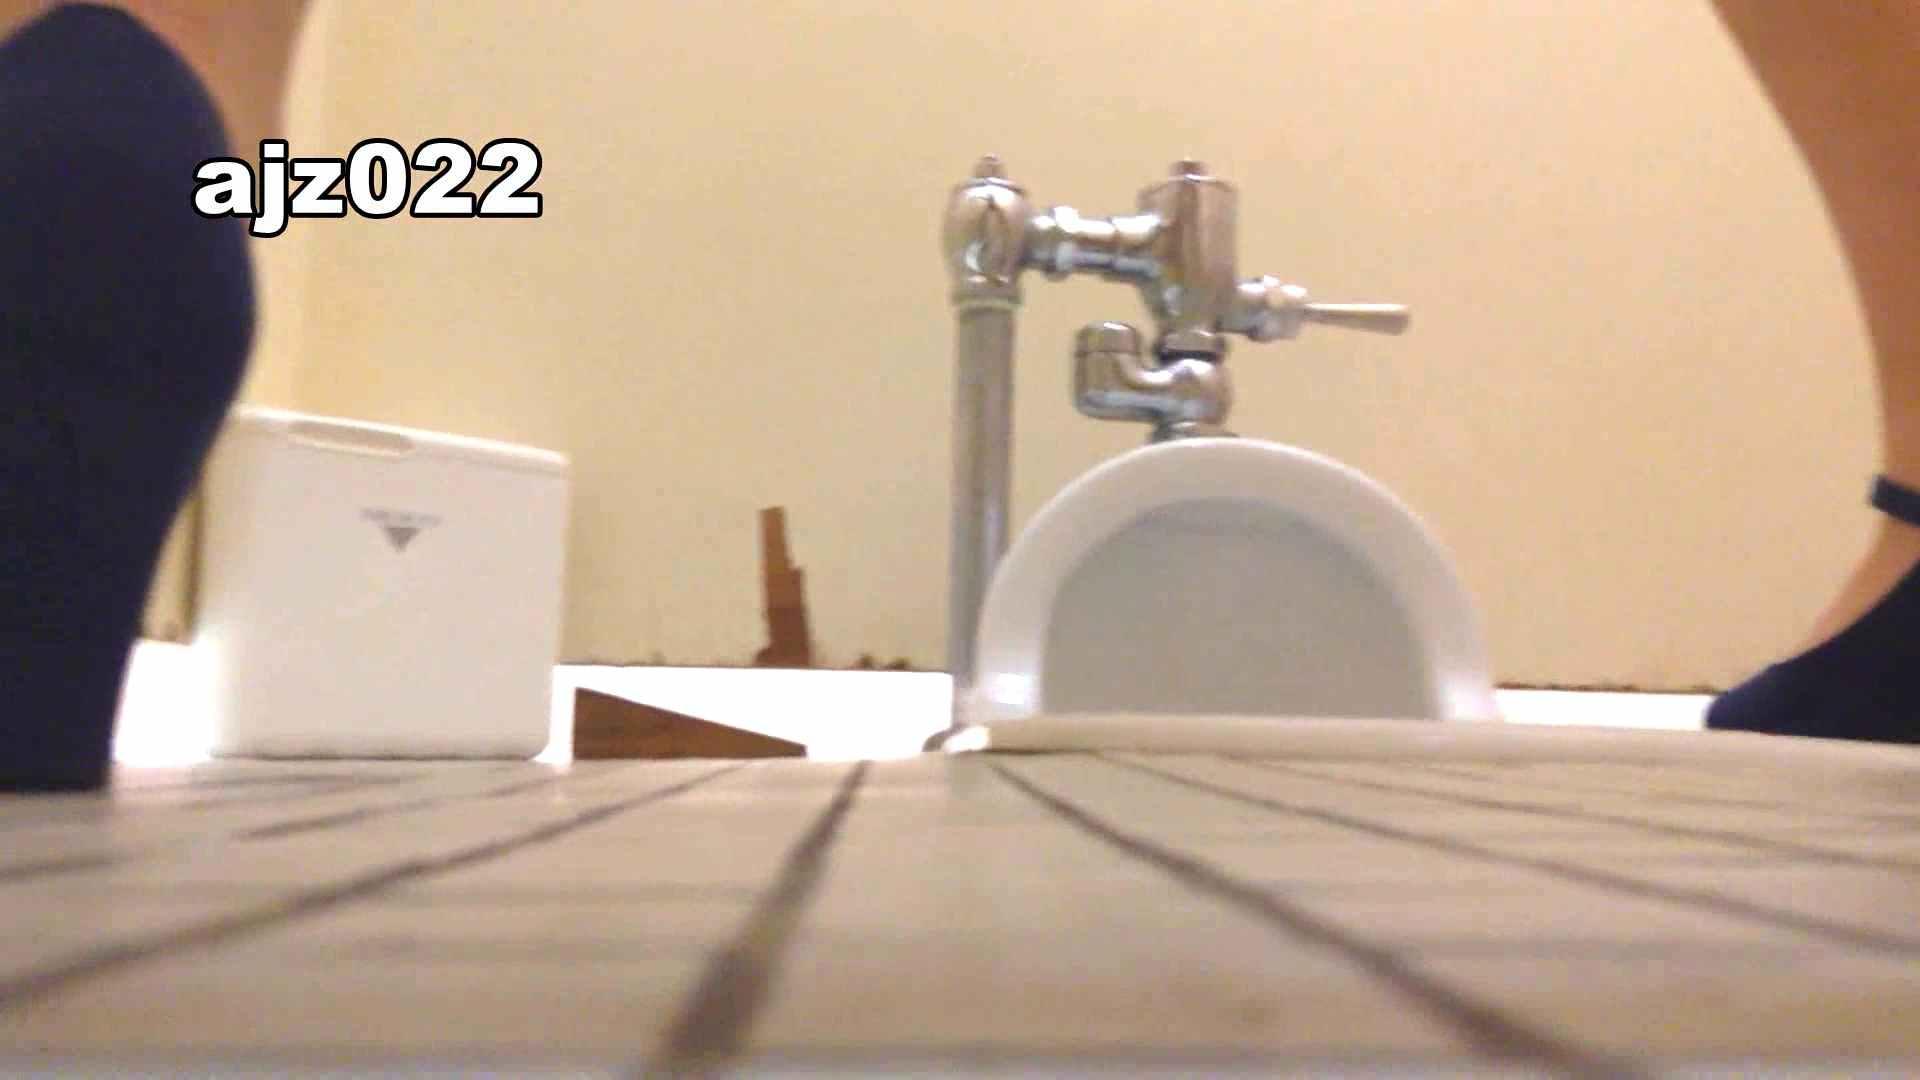 某有名大学女性洗面所 vol.22 洗面所 セックス画像 48PIX 32